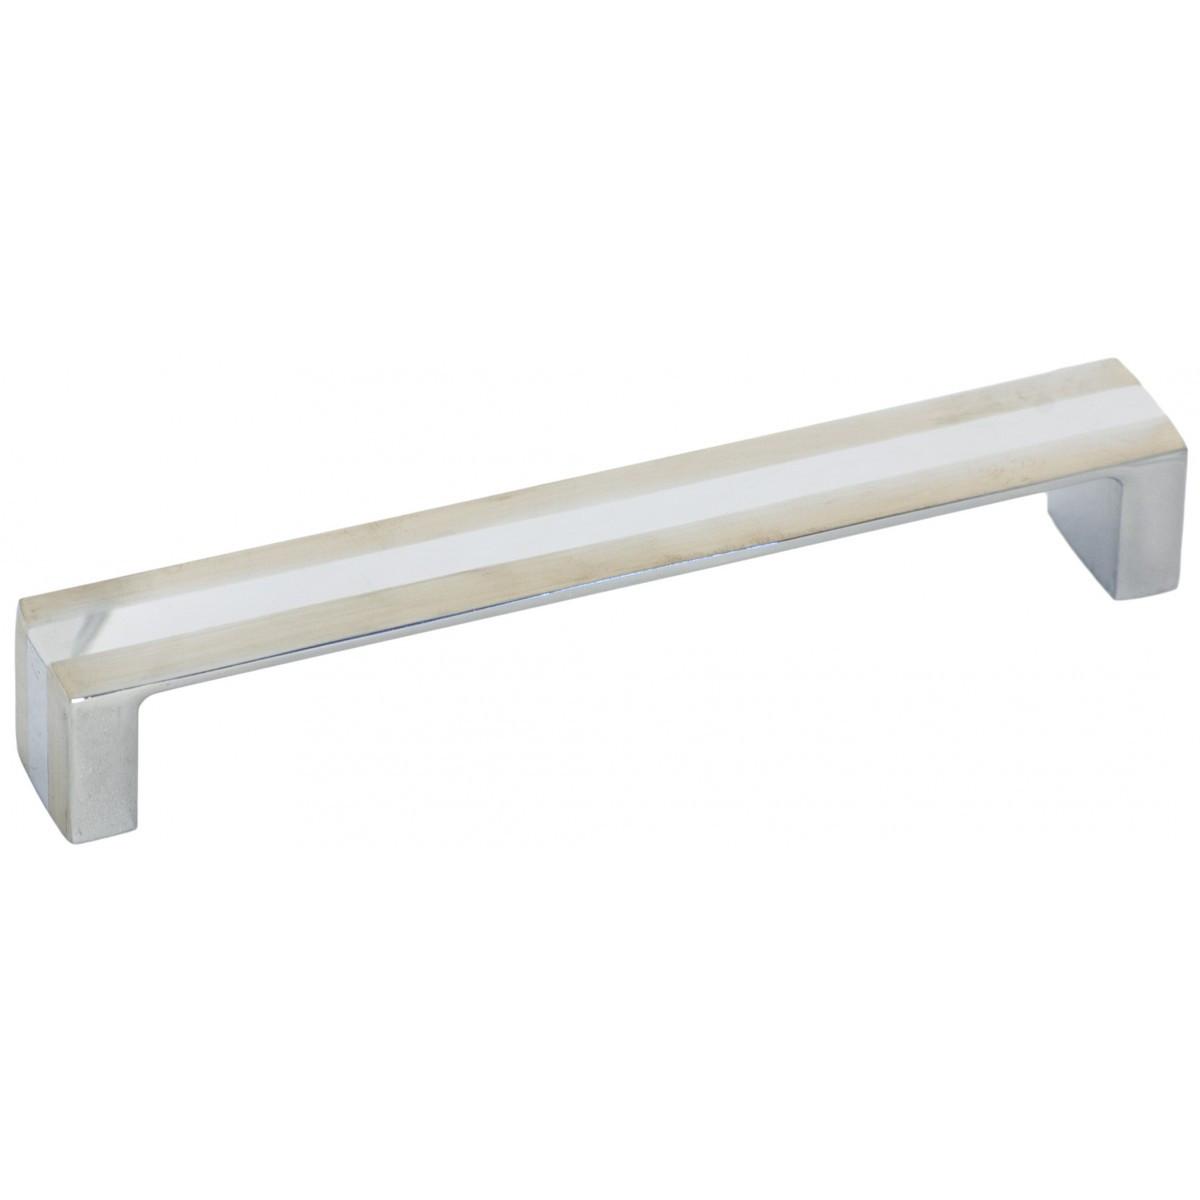 Ручка меблева Ozkardesler MIKRA 5304-022/06 160мм Сталь-Хром-Сталь